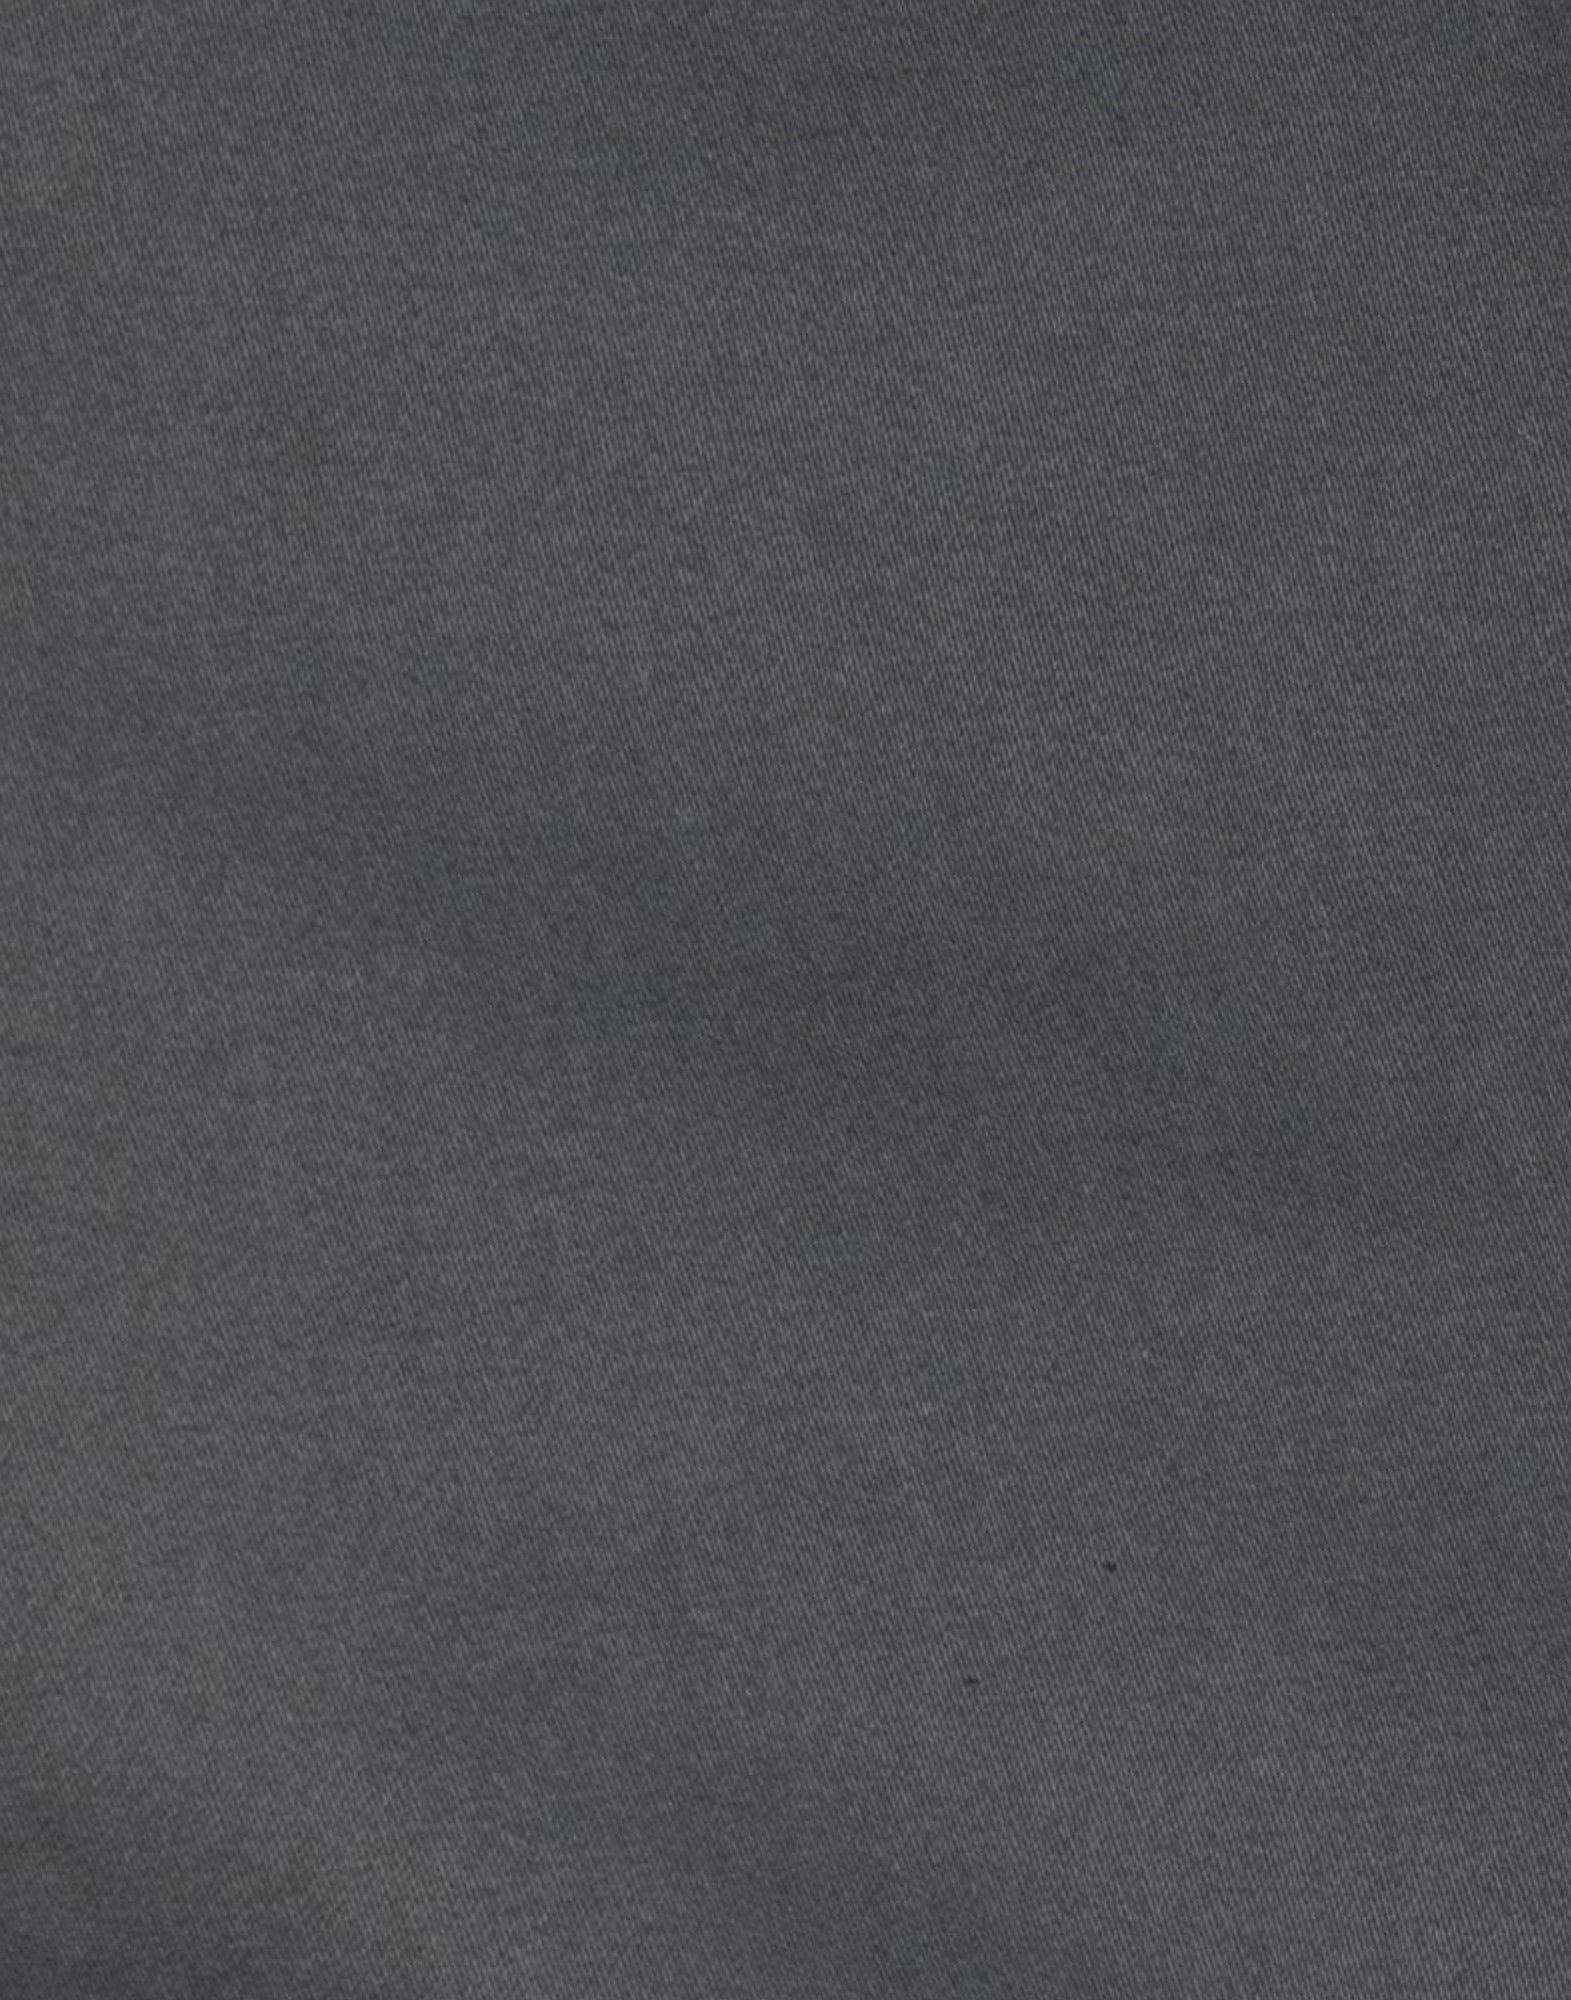 Lyst - Pantalon Versace Jeans pour homme en coloris Gris e96205fc53e